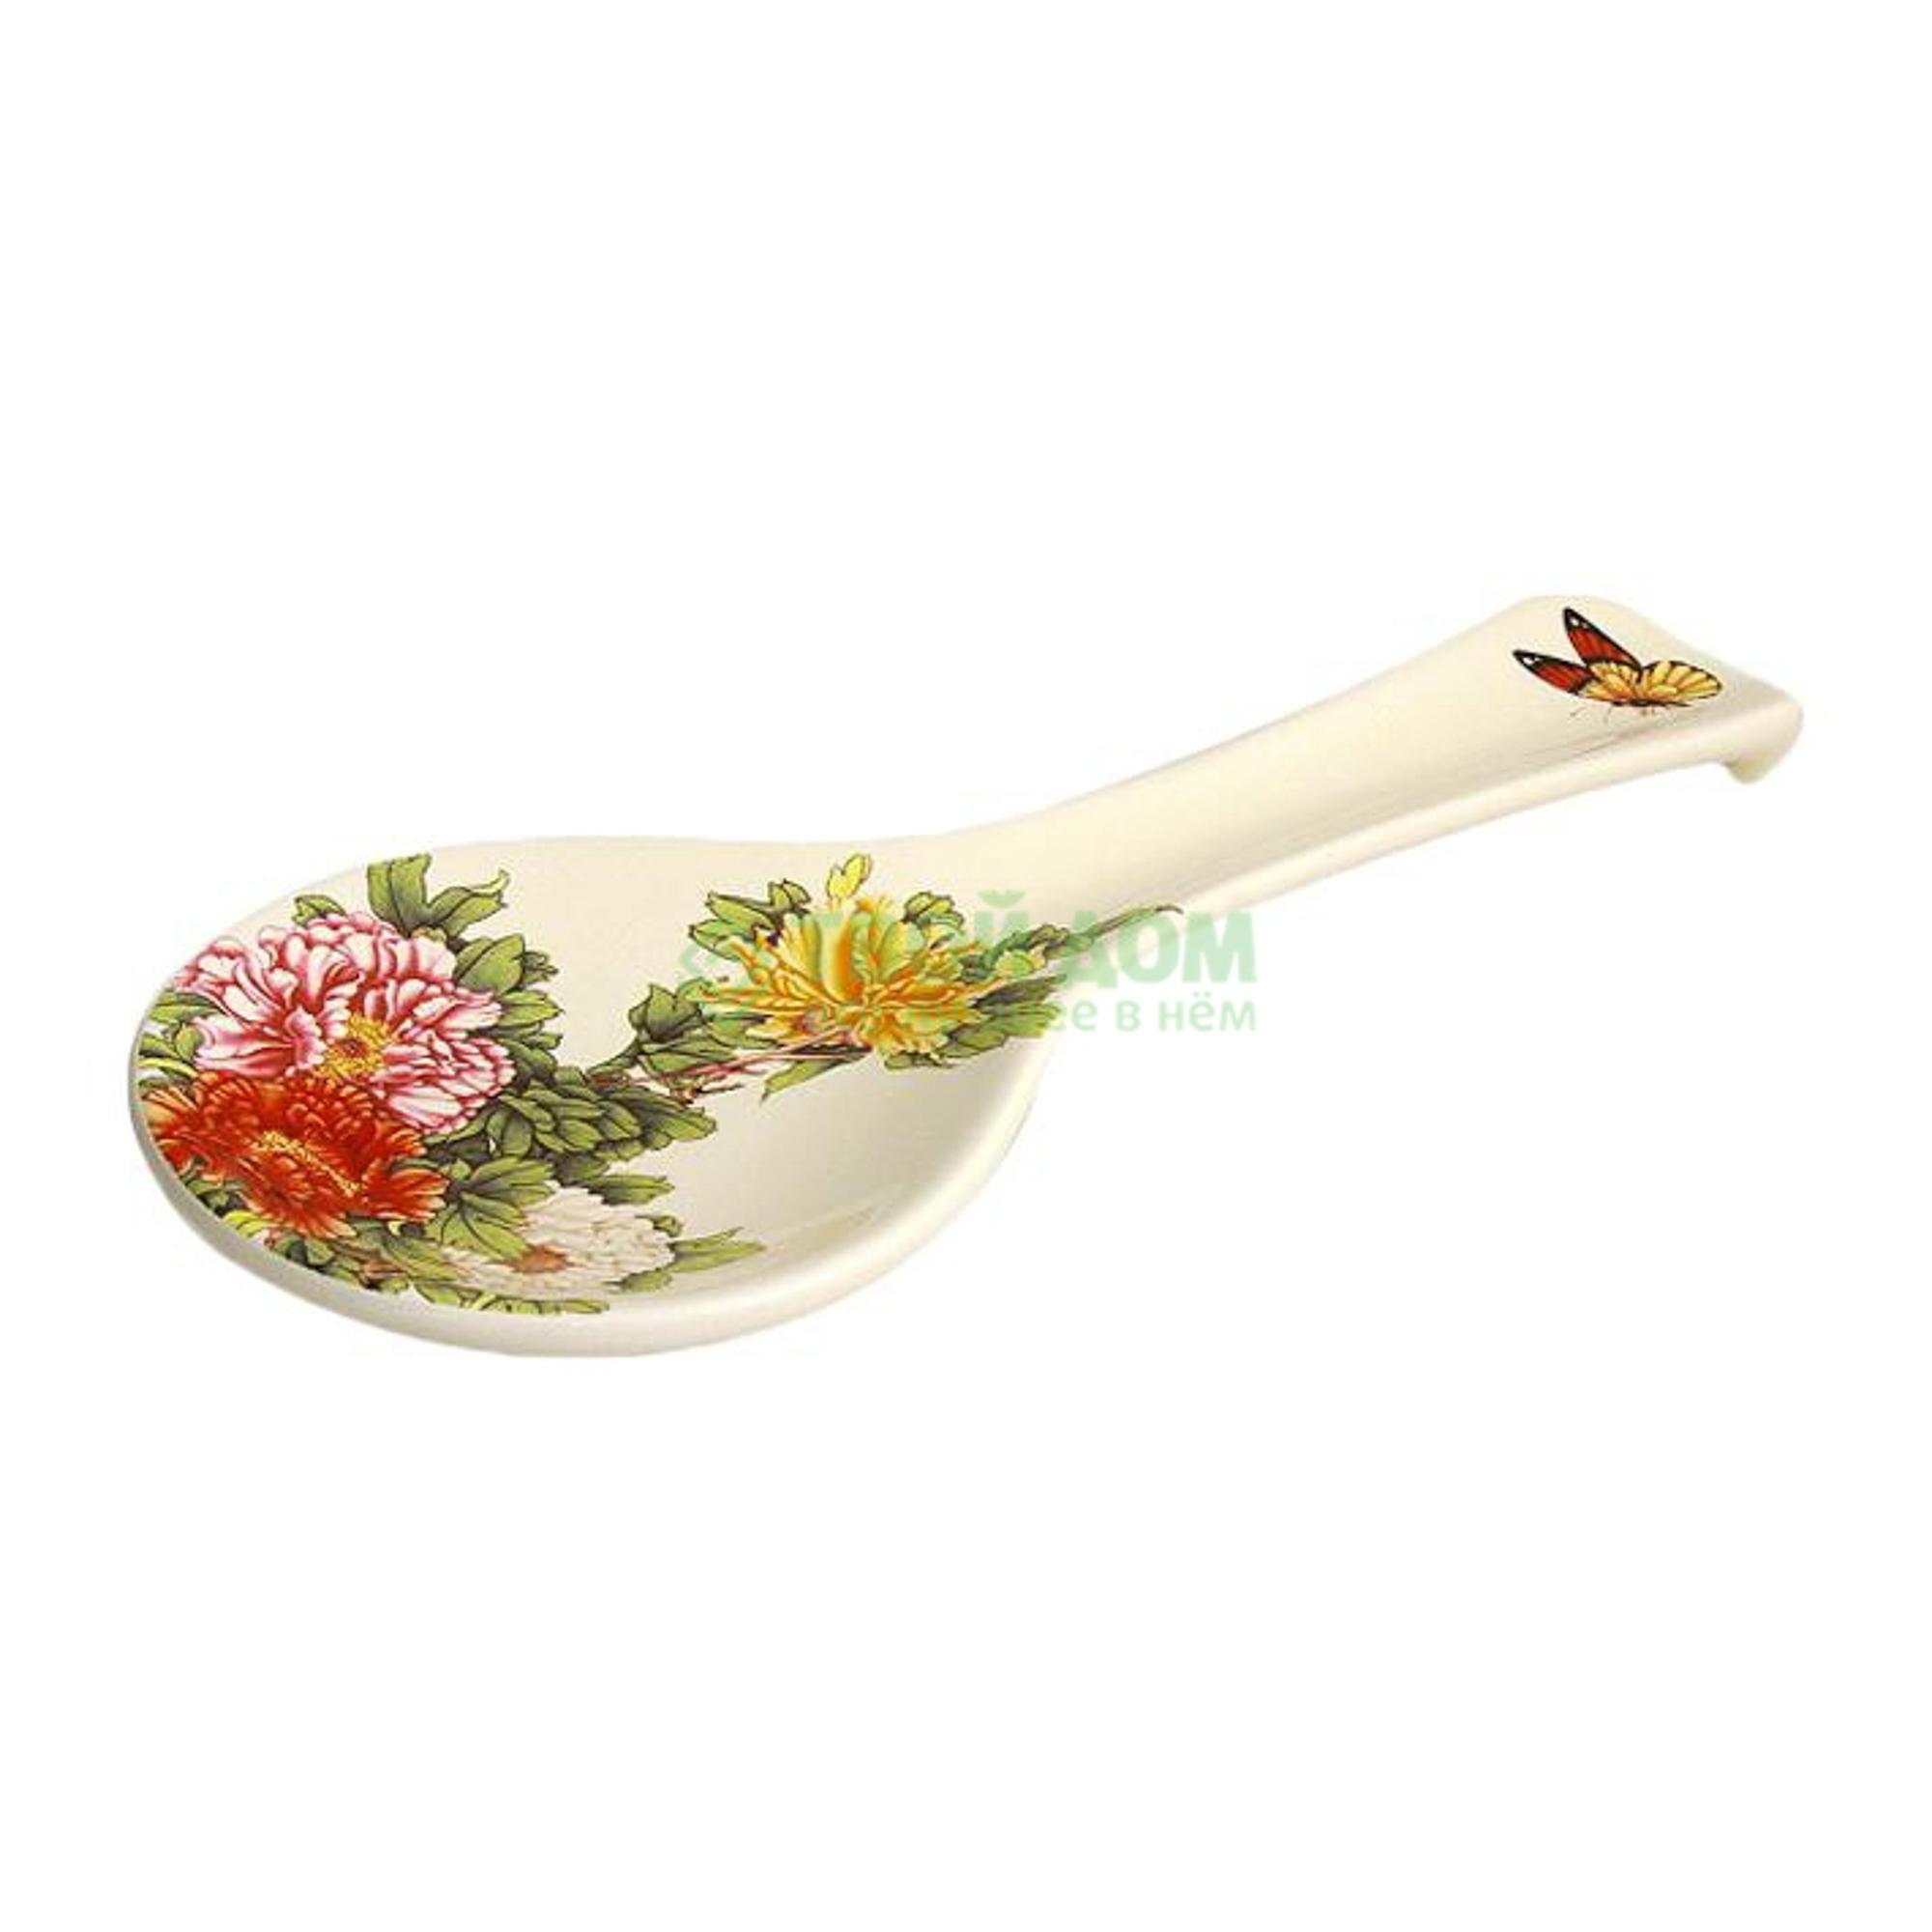 Фото - Подставка Imari Японский сад IMF0304-1730AL ложка подставка букингем imf0304 a218al imari